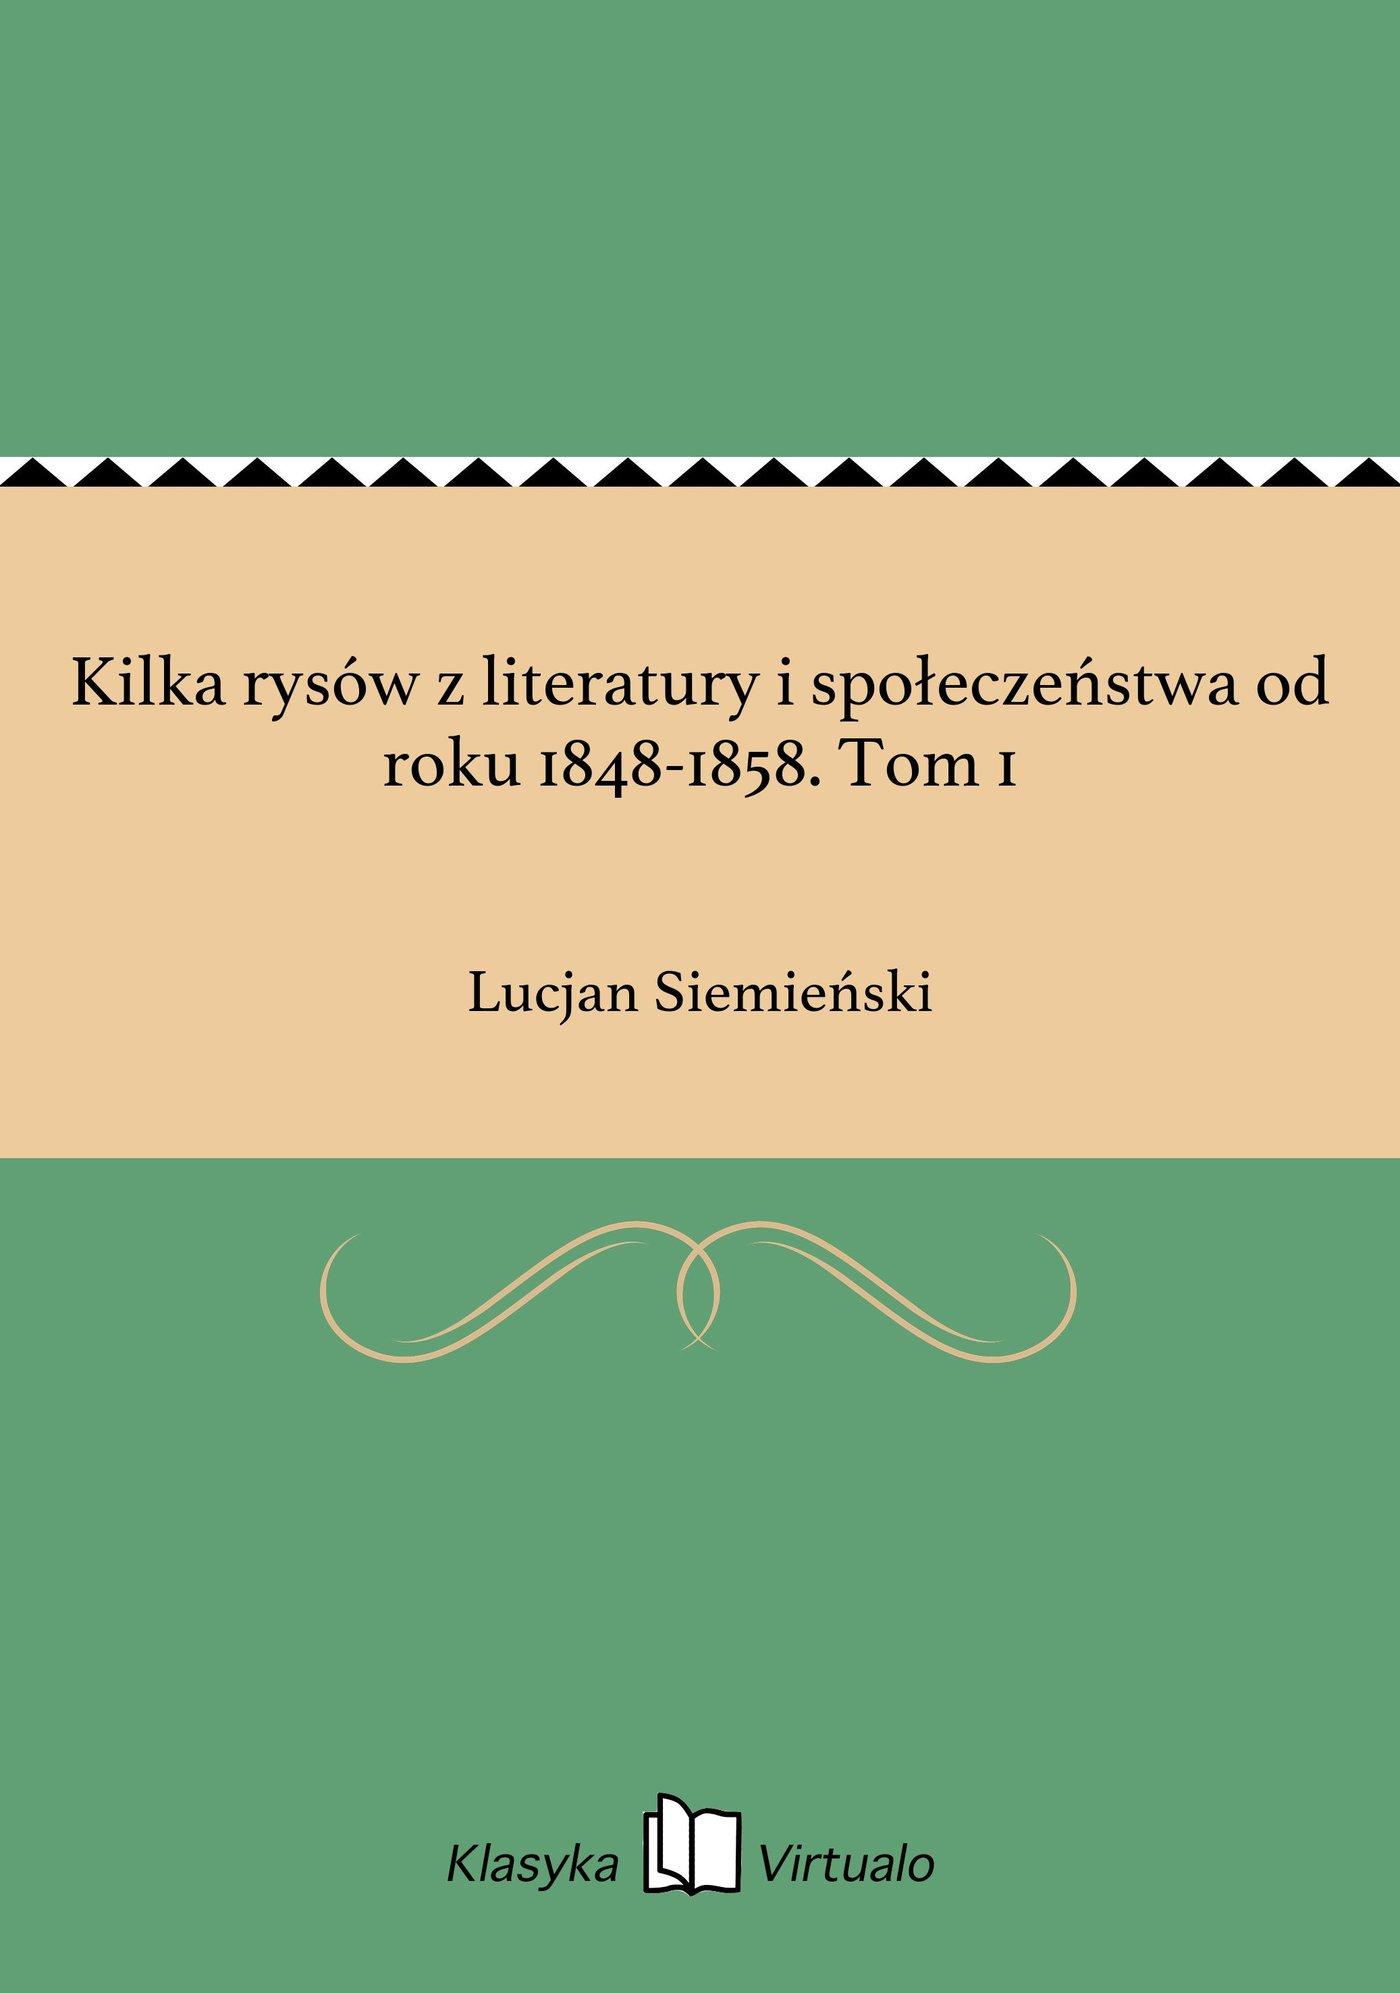 Kilka rysów z literatury i społeczeństwa od roku 1848-1858. Tom 1 - Ebook (Książka EPUB) do pobrania w formacie EPUB